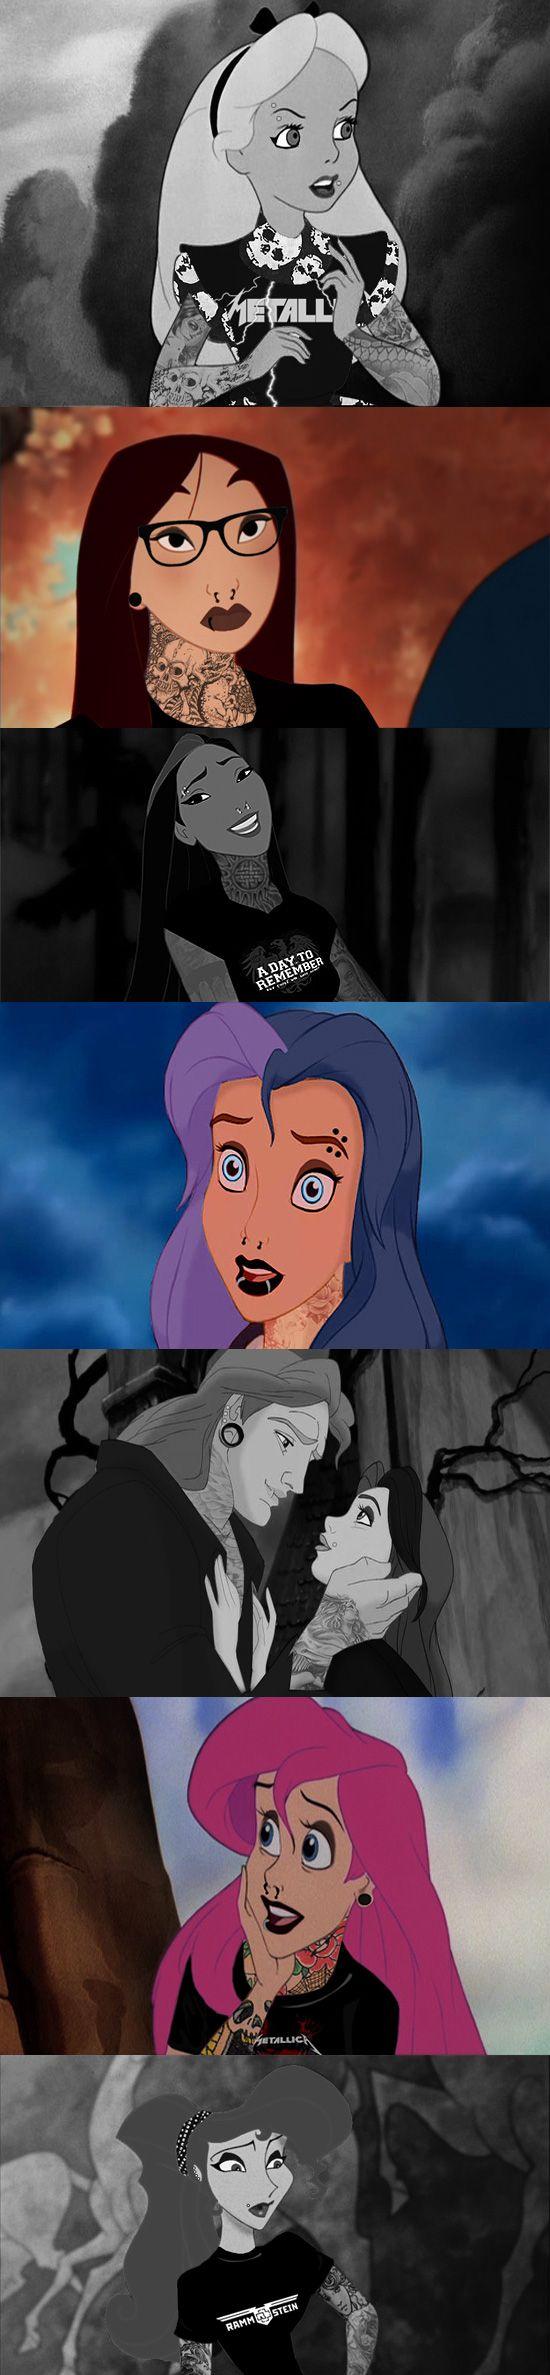 Et si les personnages de Disney étaient tous des métalleux ?